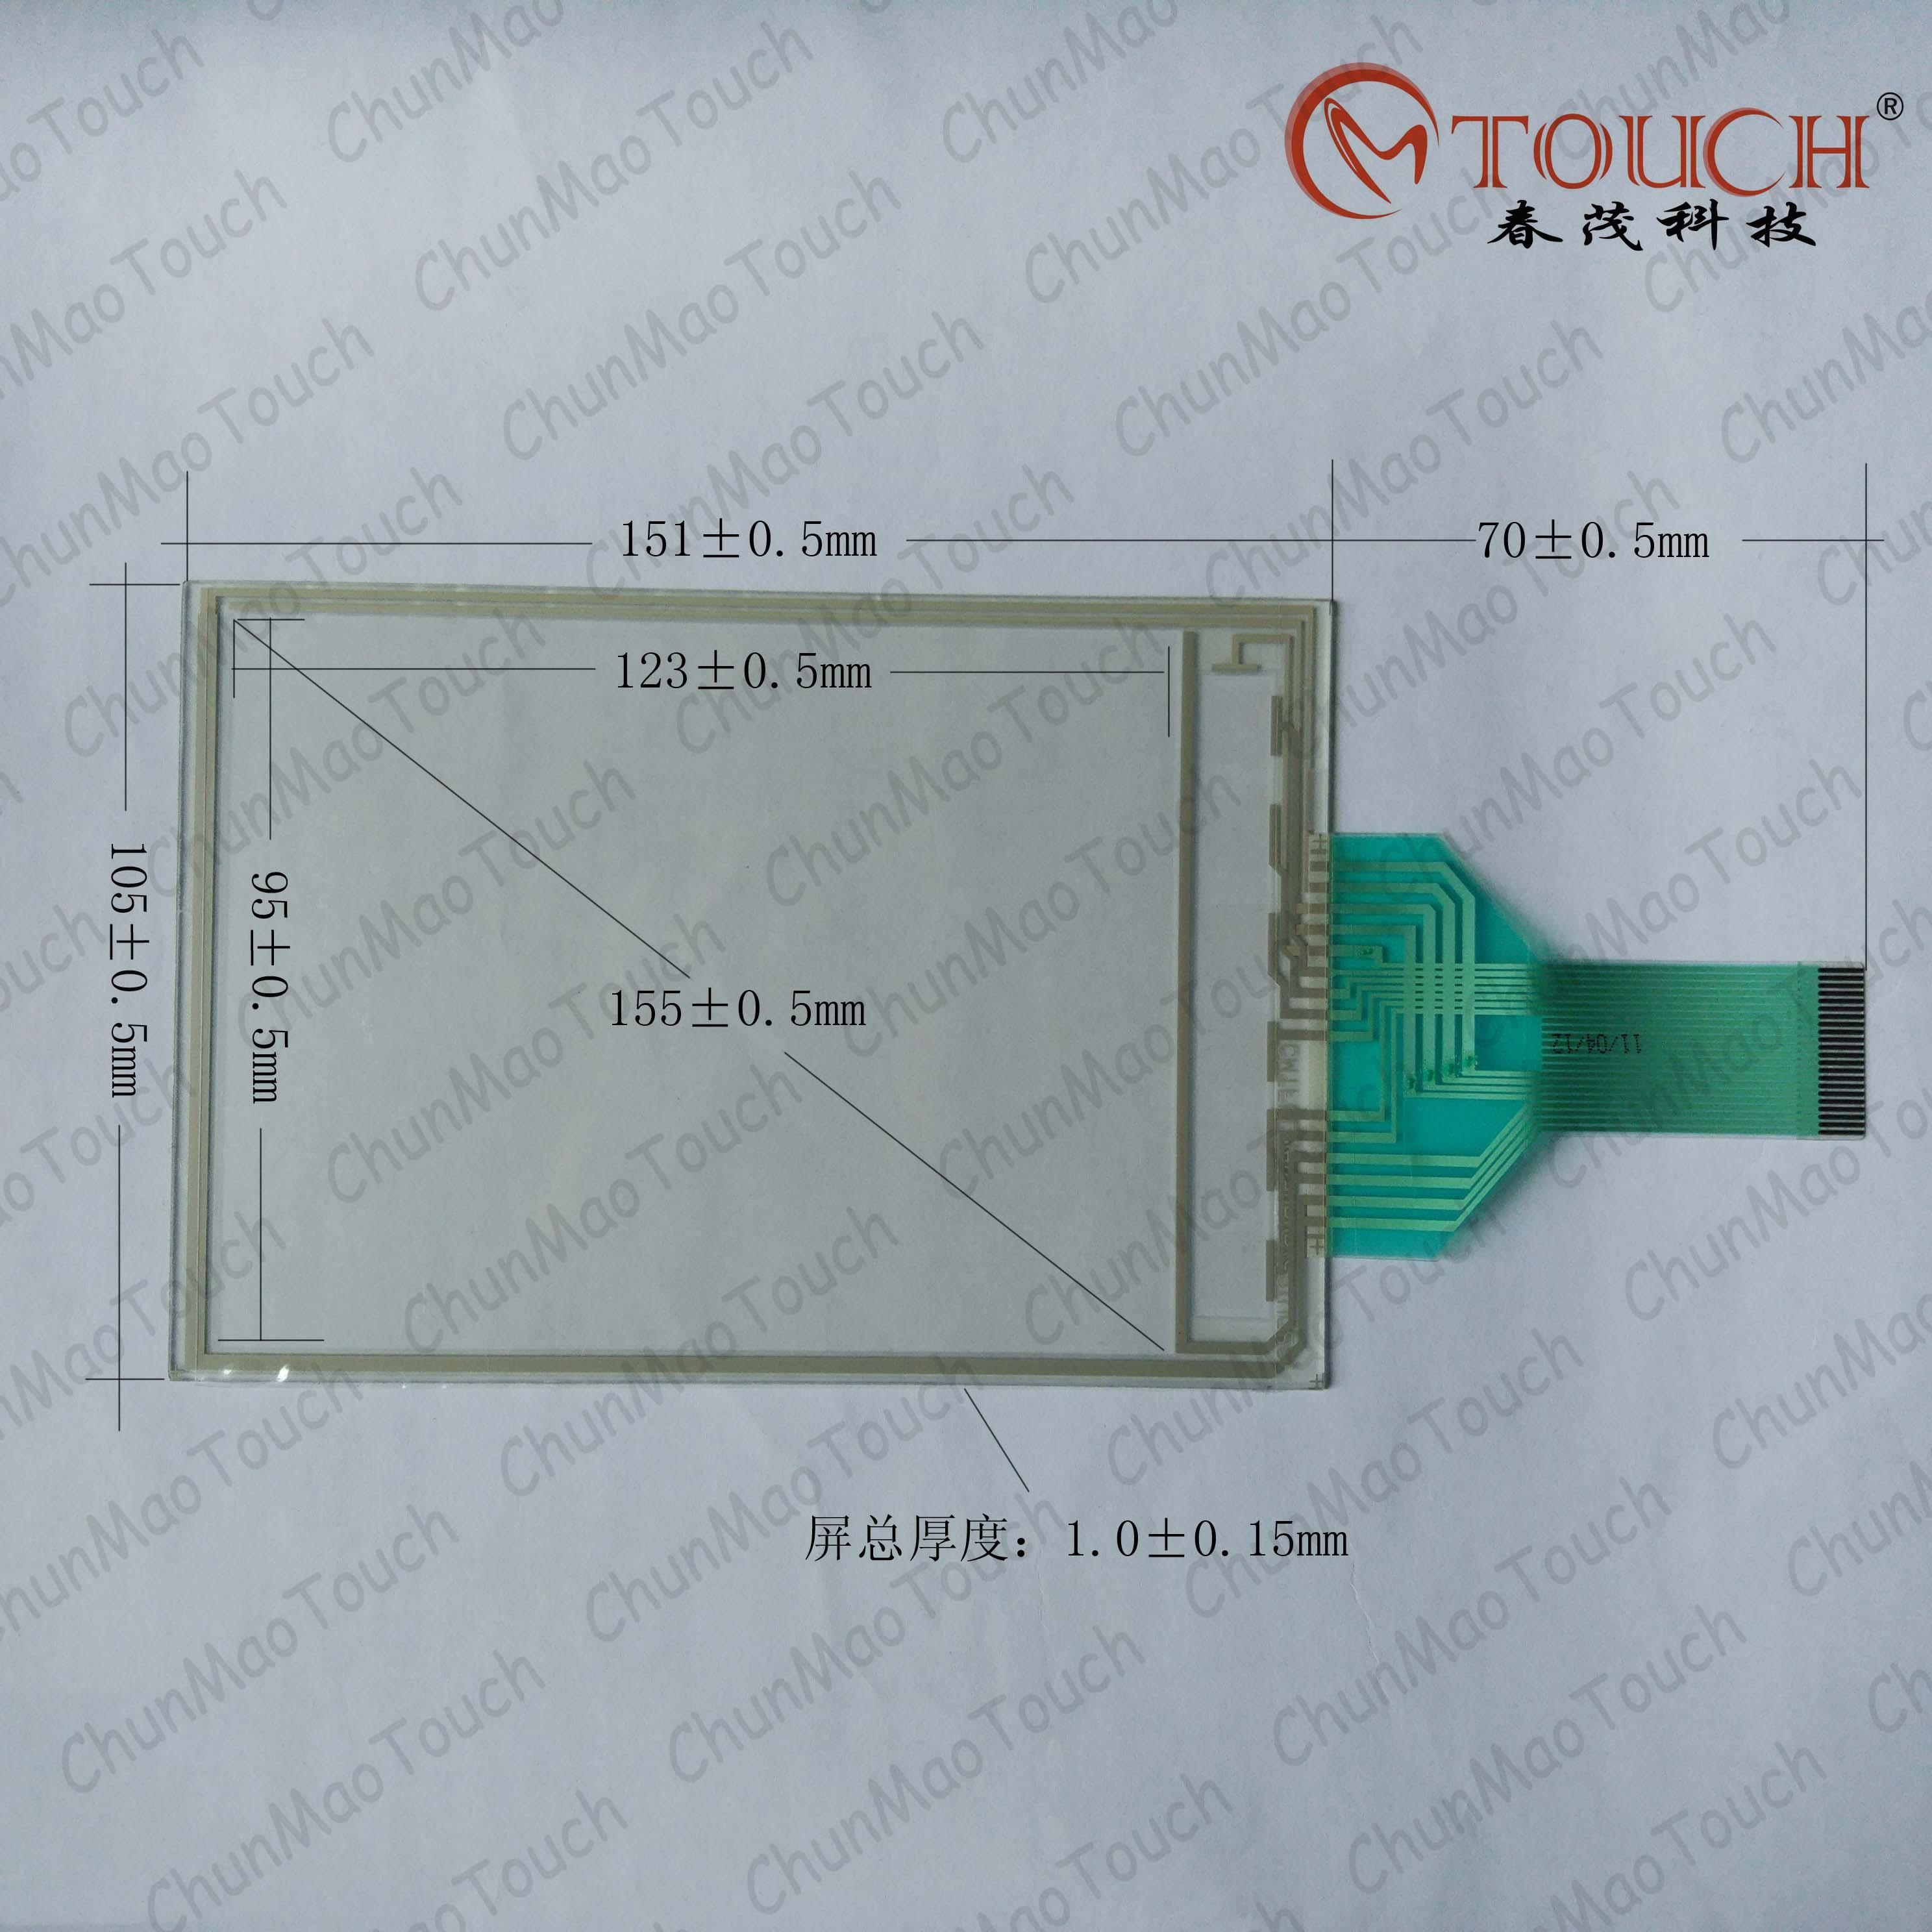 富士UG221人机界面触摸面板   富士UG221工业触摸屏幕